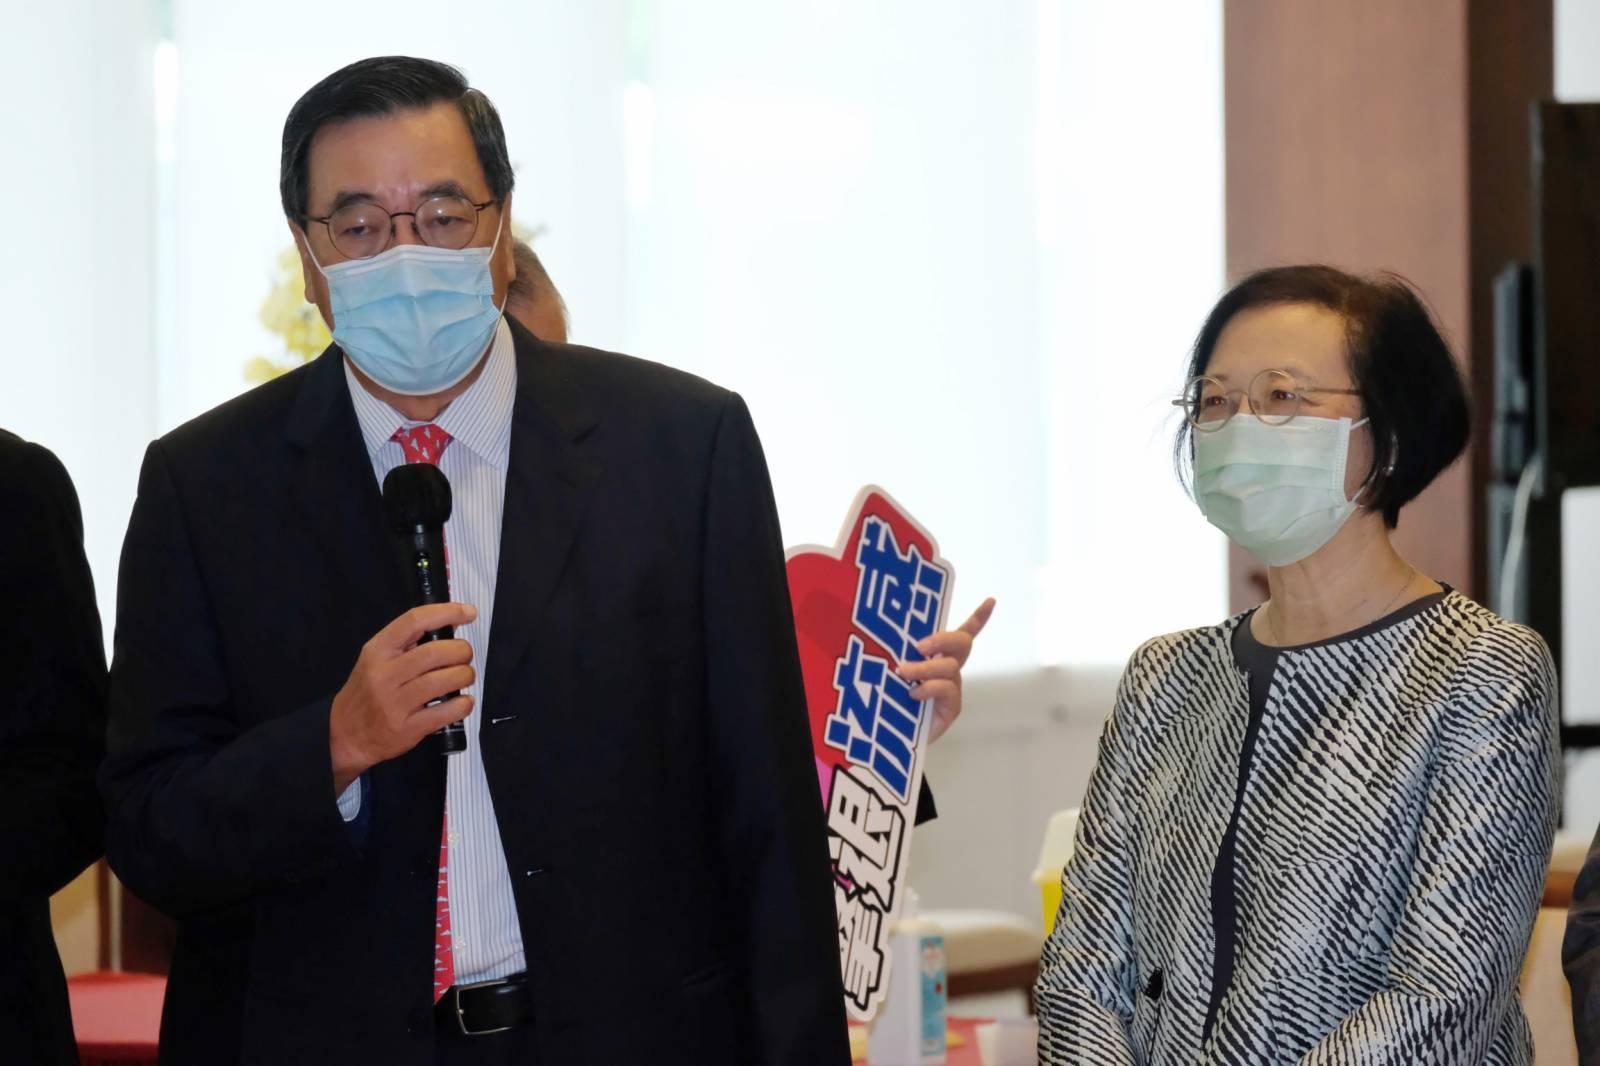 梁君彥表示,雖然近日新冠病毒疫情緩和,但冬季流感高峰期即將來臨,情況可能很嚴峻,他呼籲市民為己為人,為了社會做好防疫工作。(大公文匯全媒體記者麥鈞傑 攝)